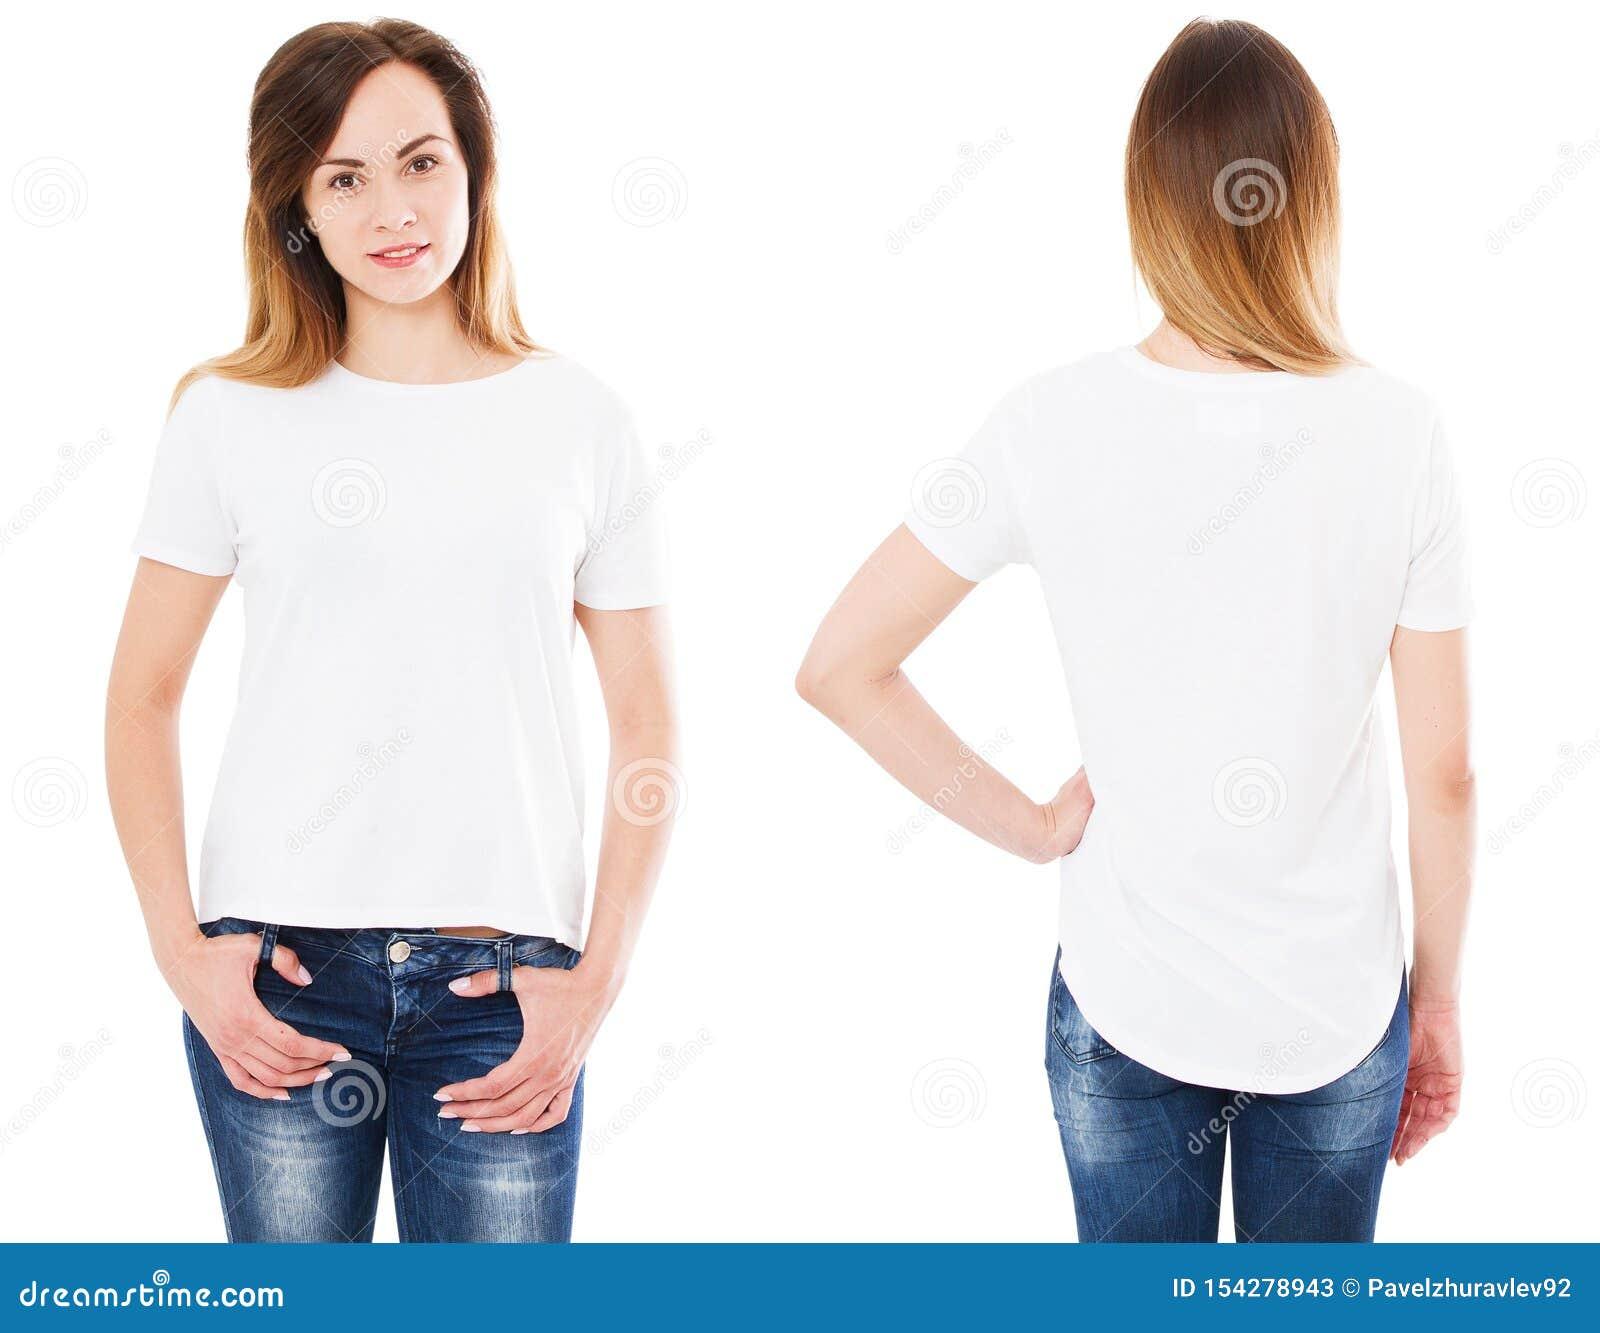 Chiuda su della giovane donna in maglietta bianca in bianco, la camicia, anteriore e posteriore isolata, ragazza in maglietta